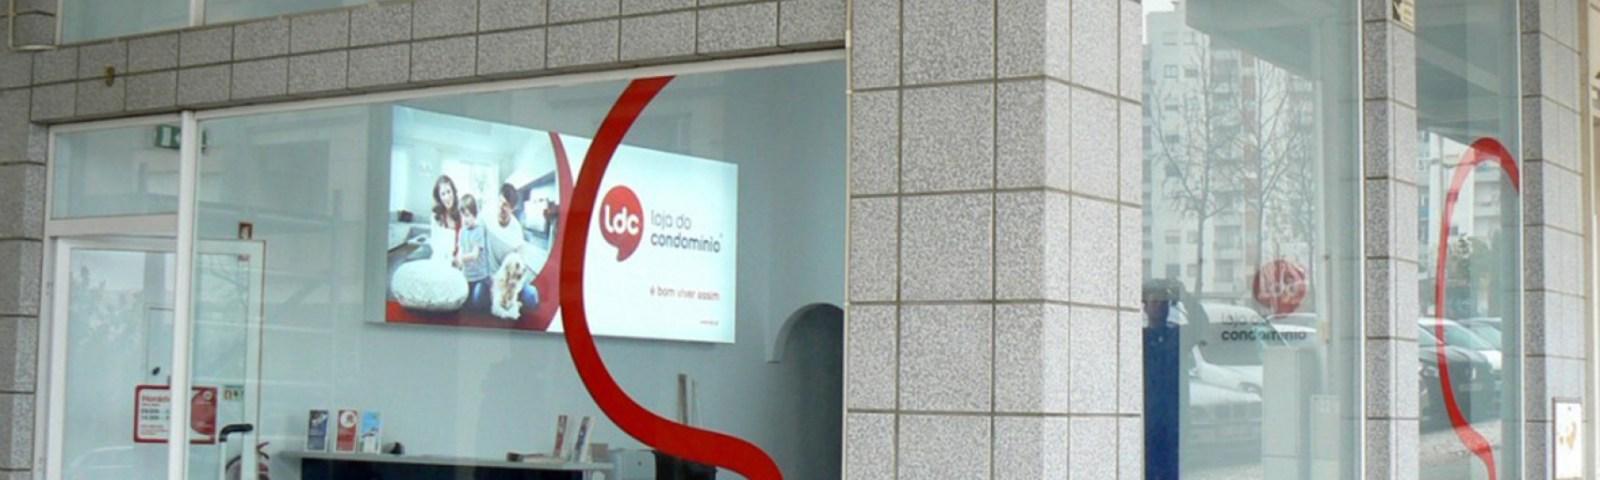 4157-loja-do-condominiofranchising